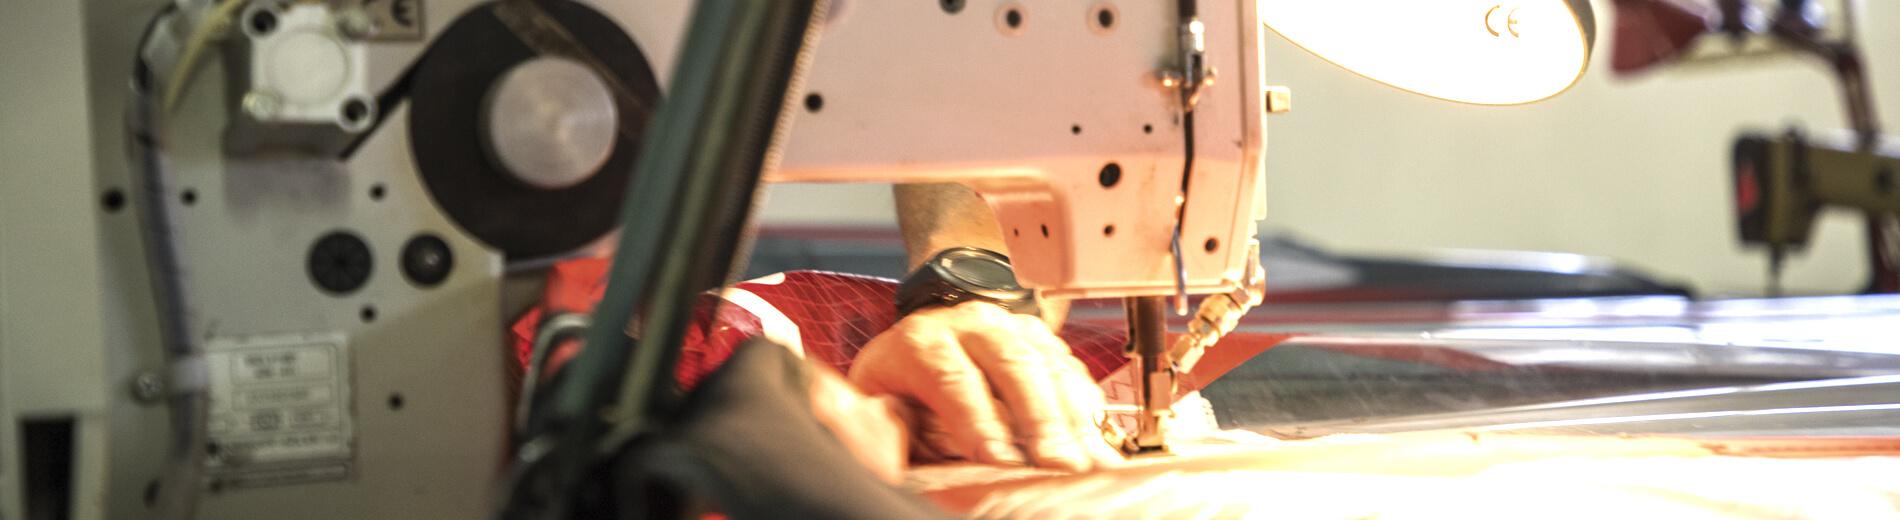 GUNSAILS | Service de réparation des voiles